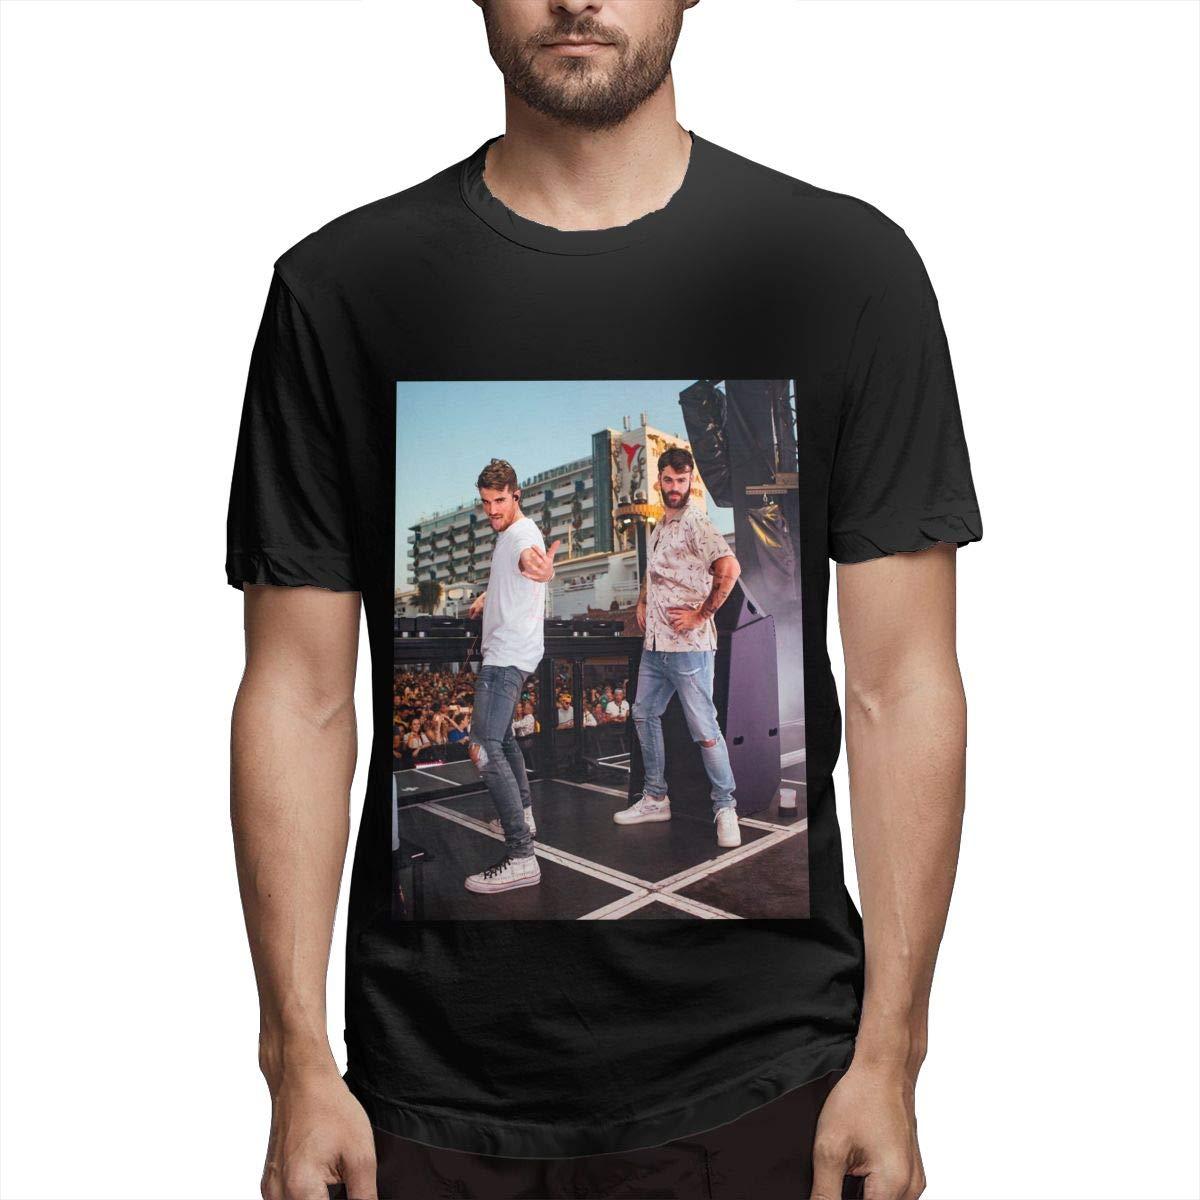 Lihehen S The Chainsmokers Retro Printing Round Neck T Shirt